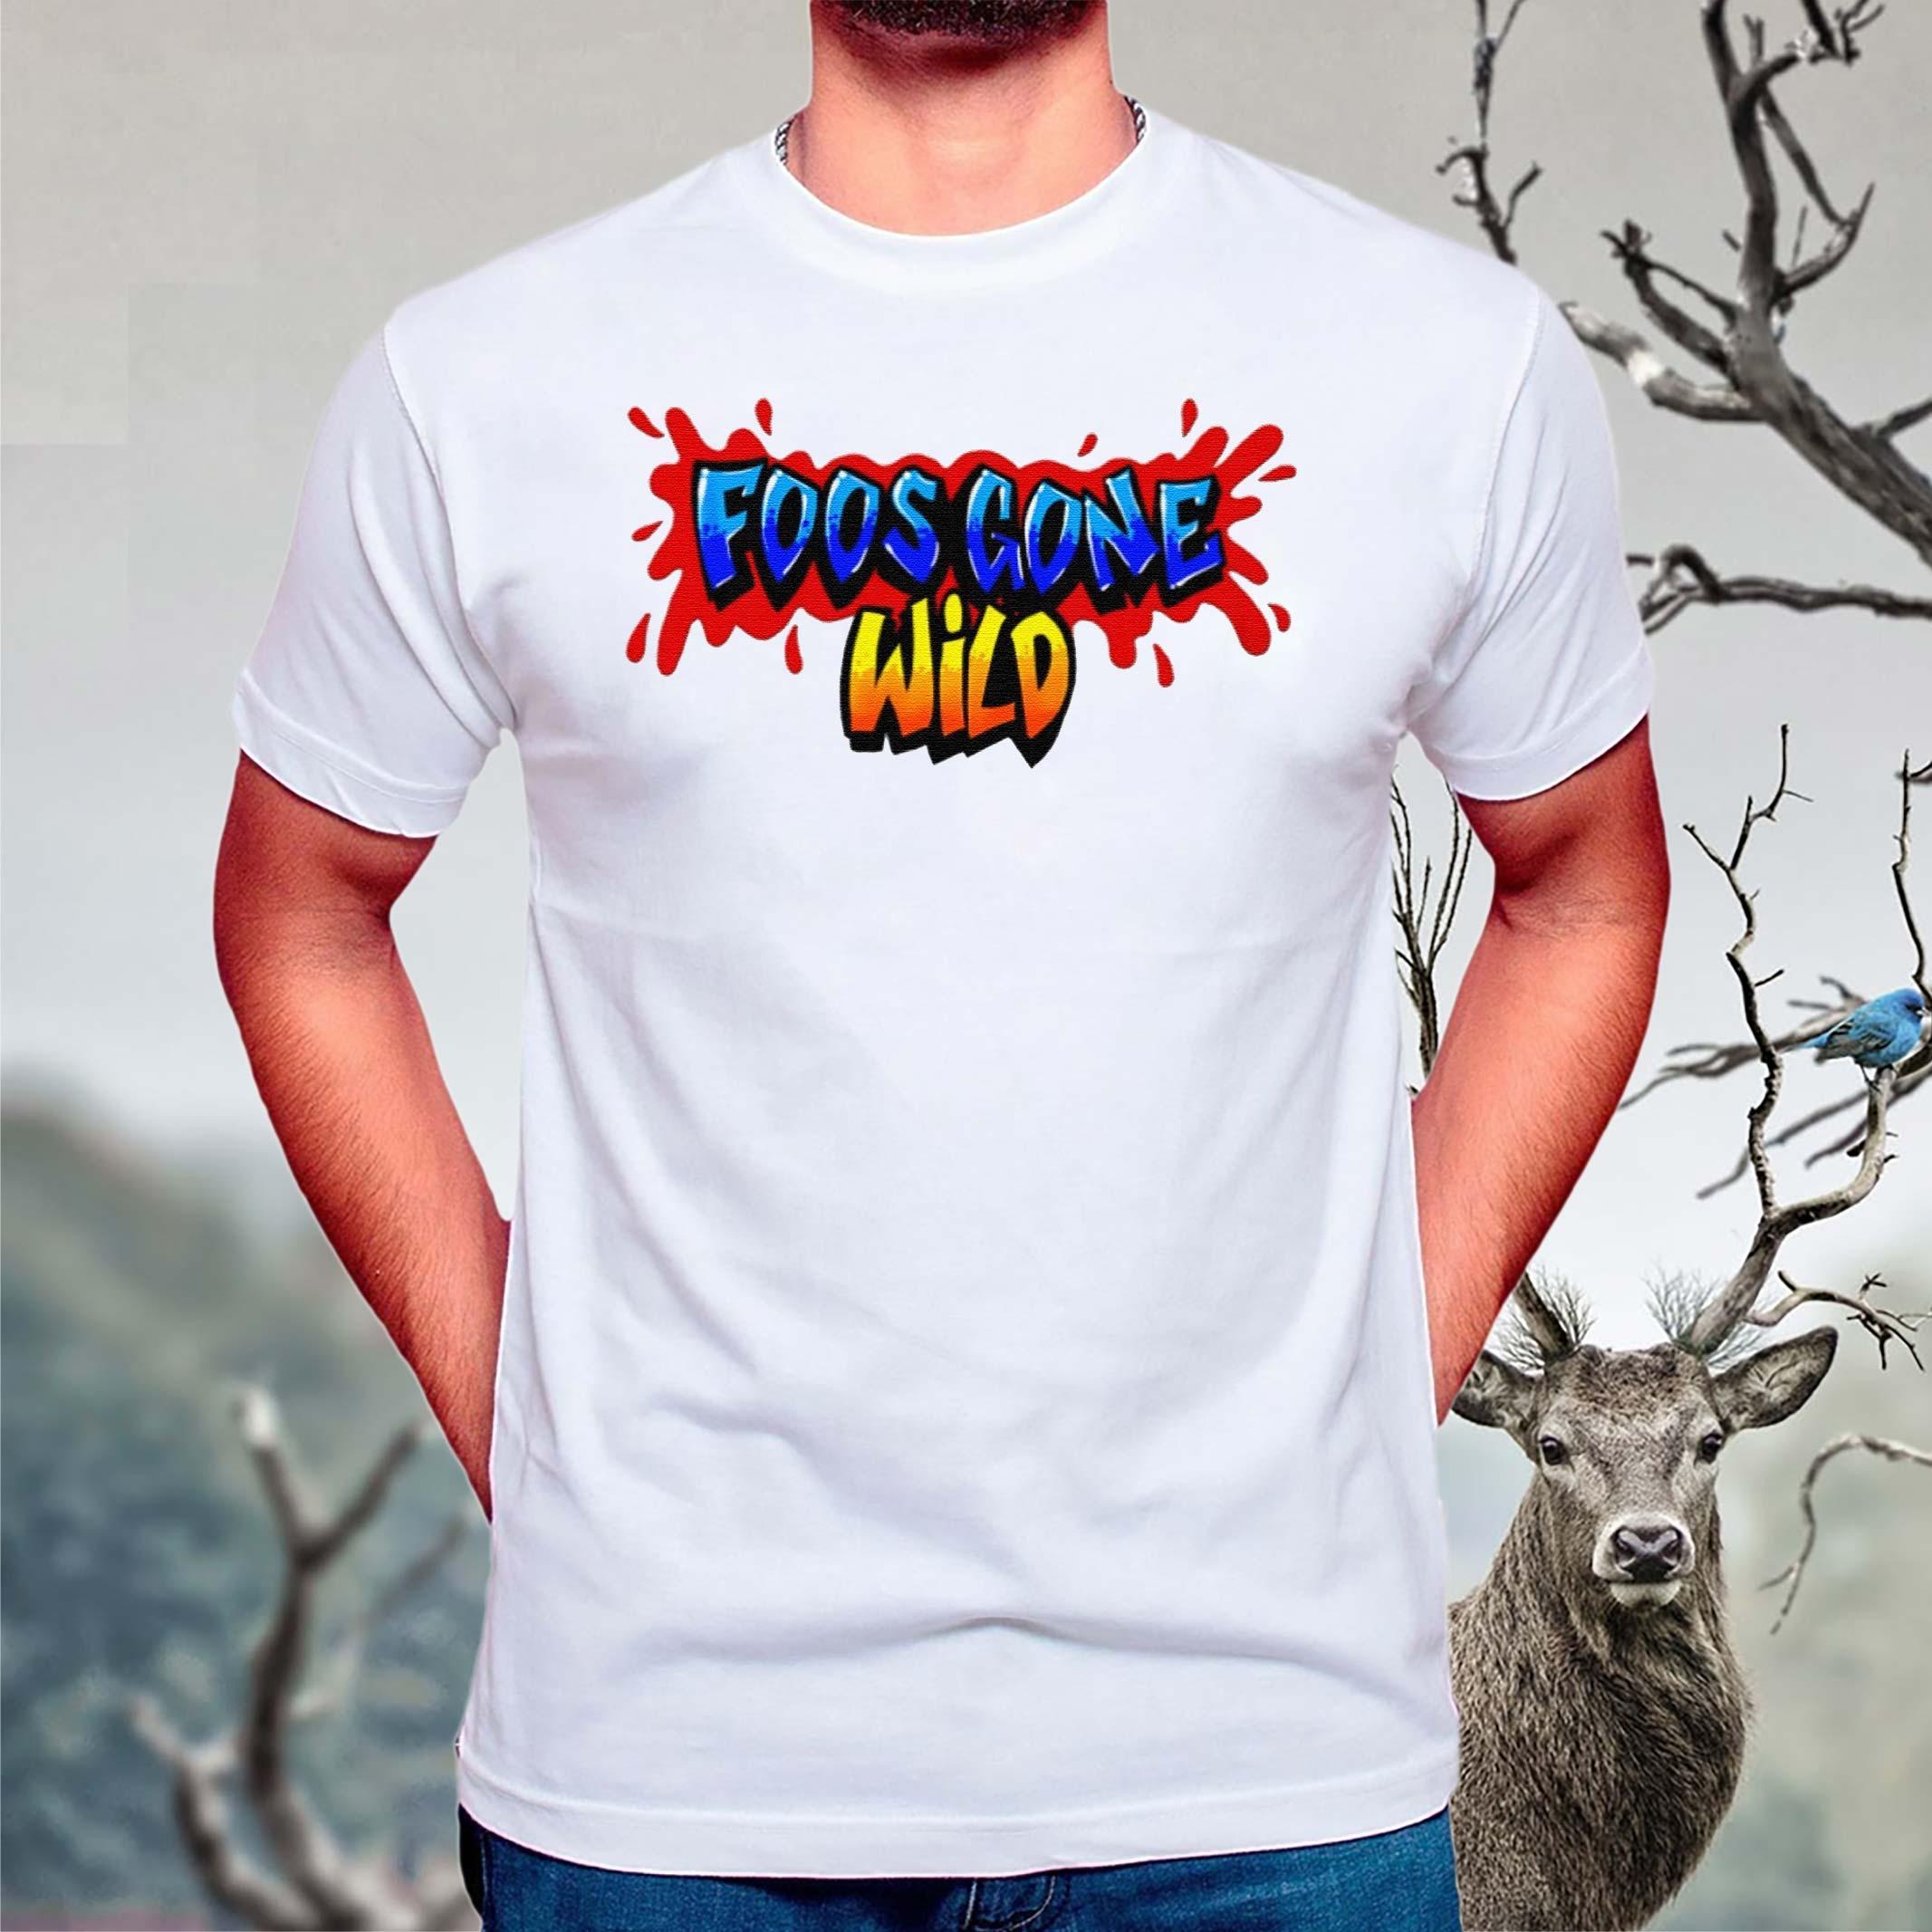 foos-gone-wild-merch-shirts